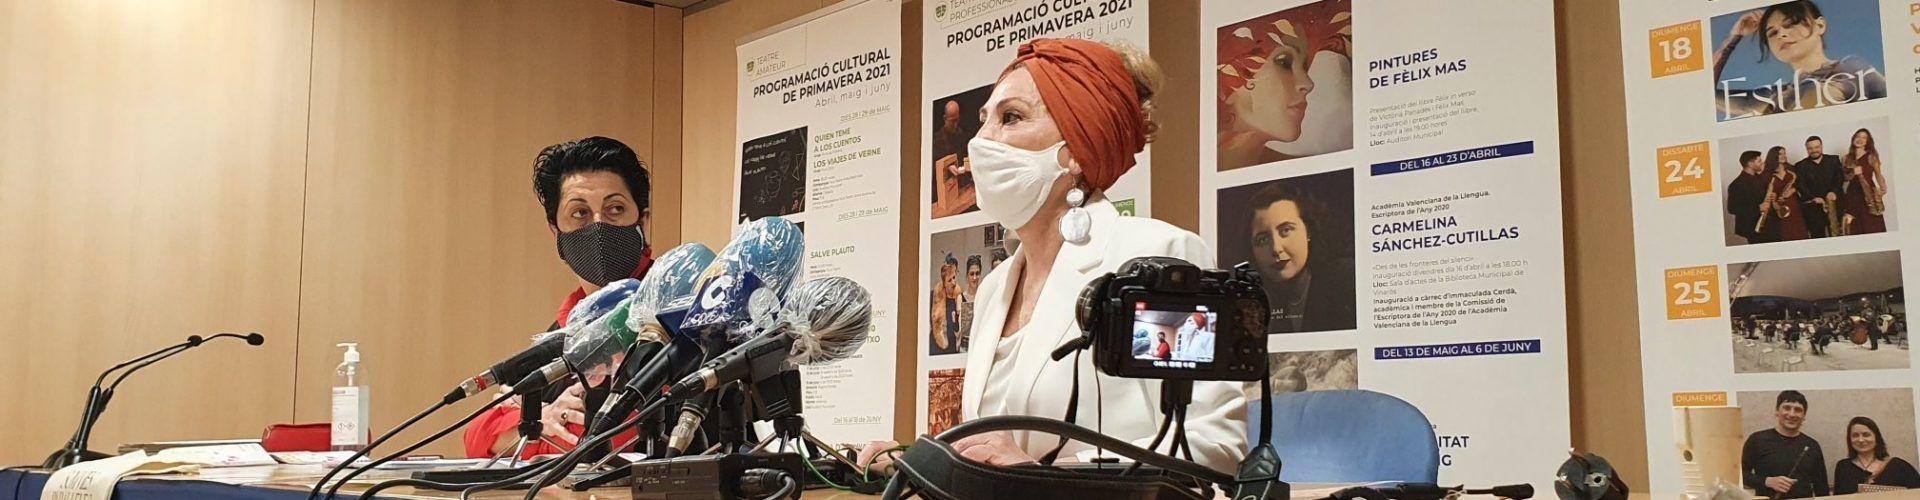 Vídeo: presentació de la programació cultural de primavera a Vinaròs